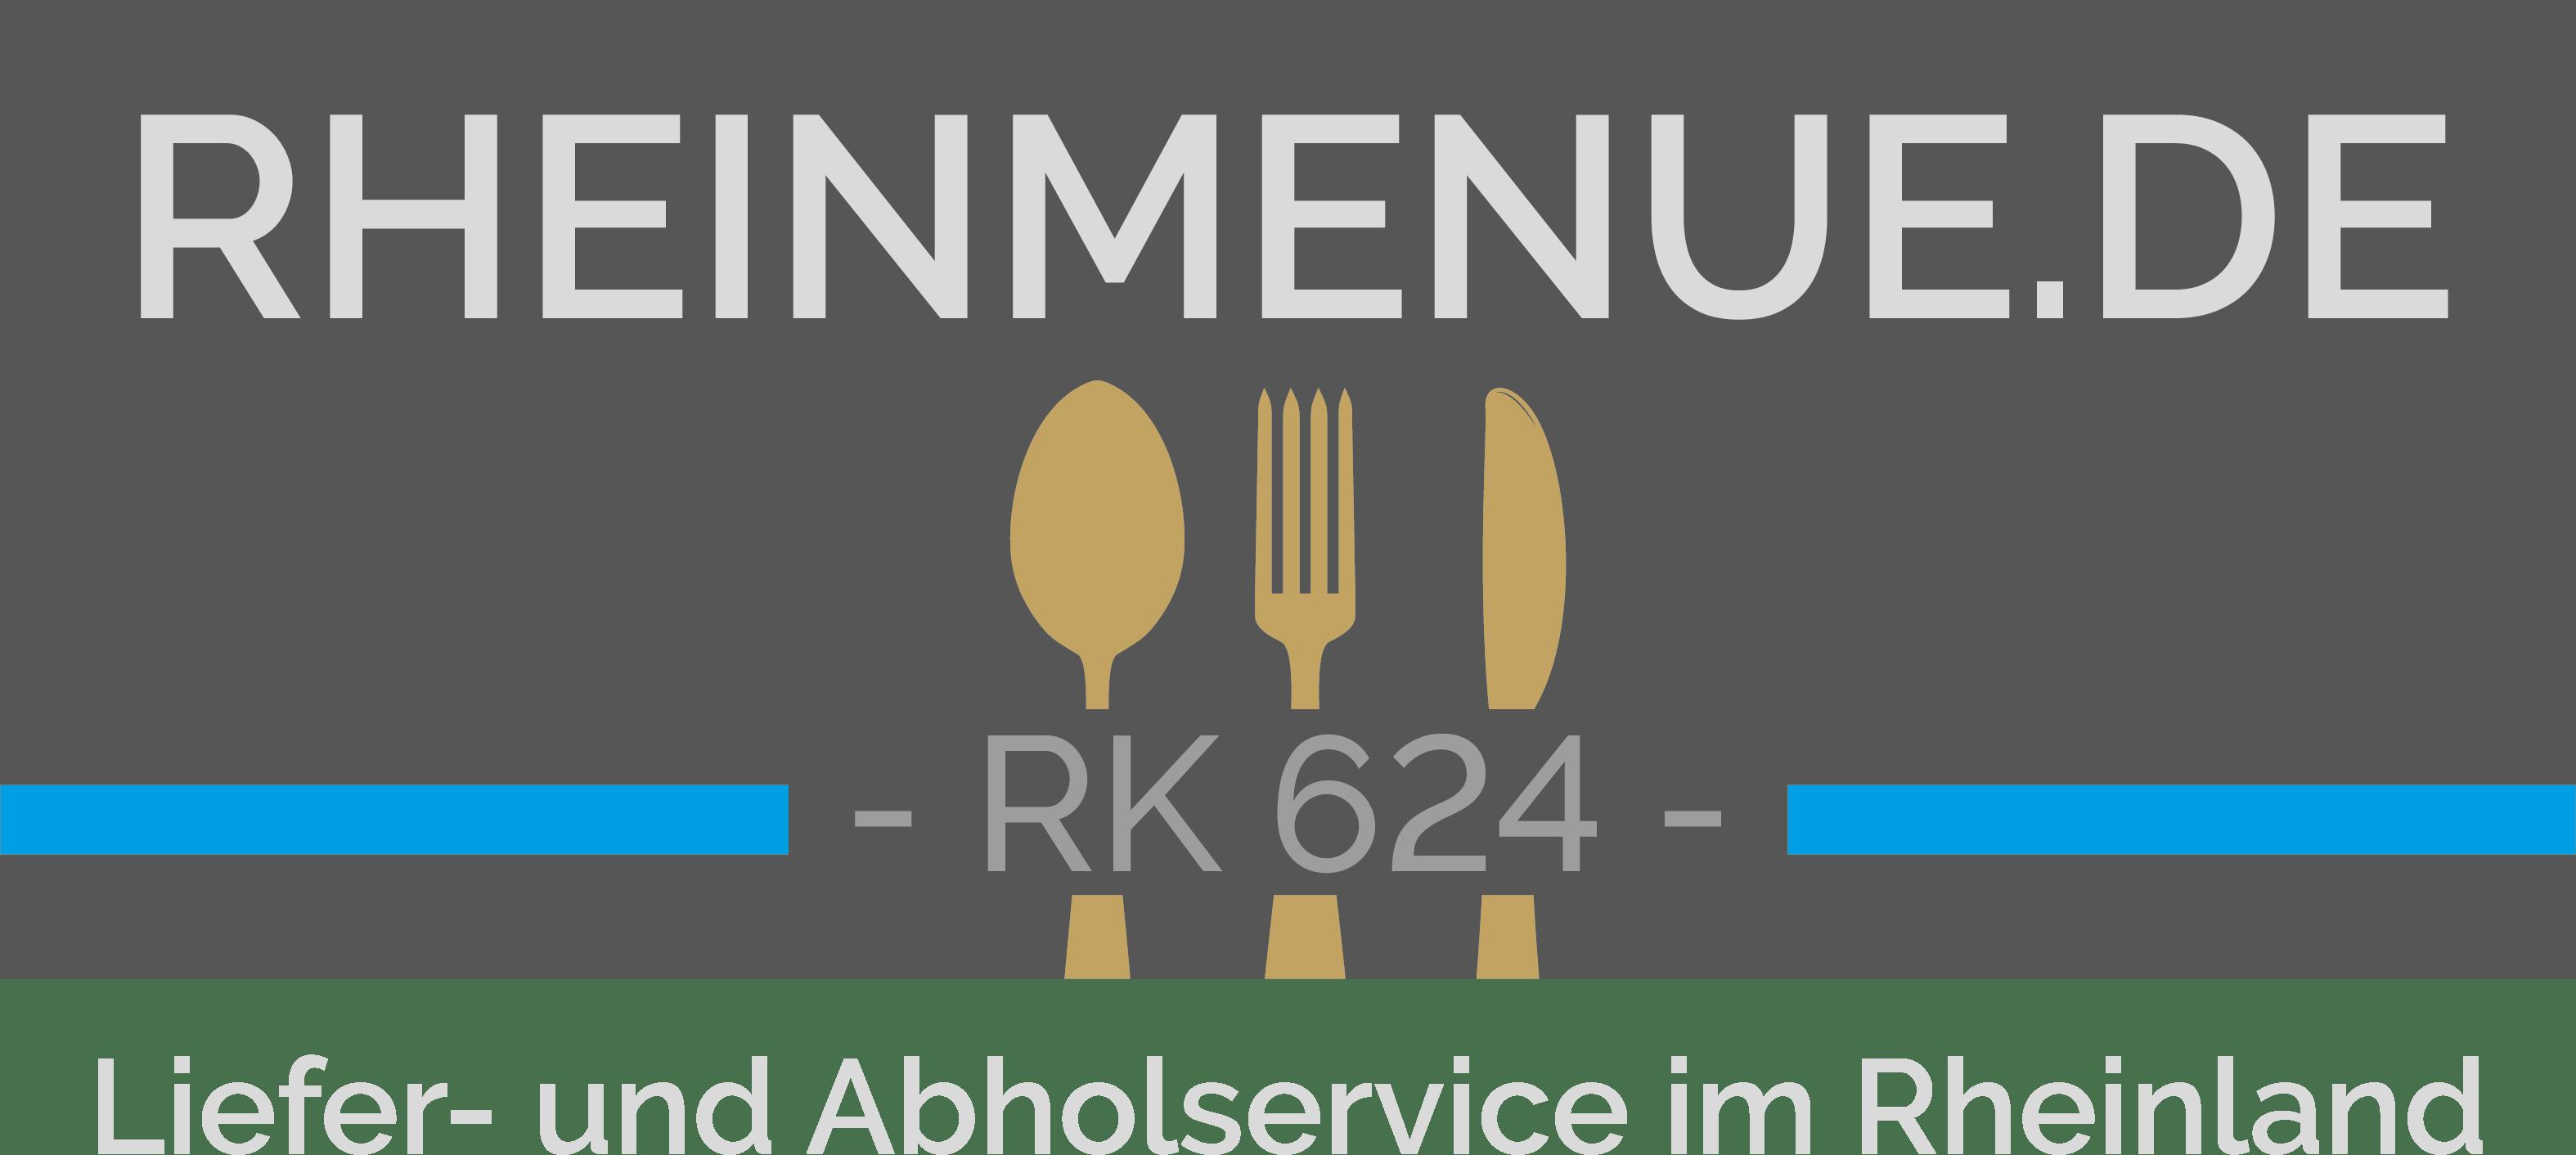 Rheinmenü von Hollyfood